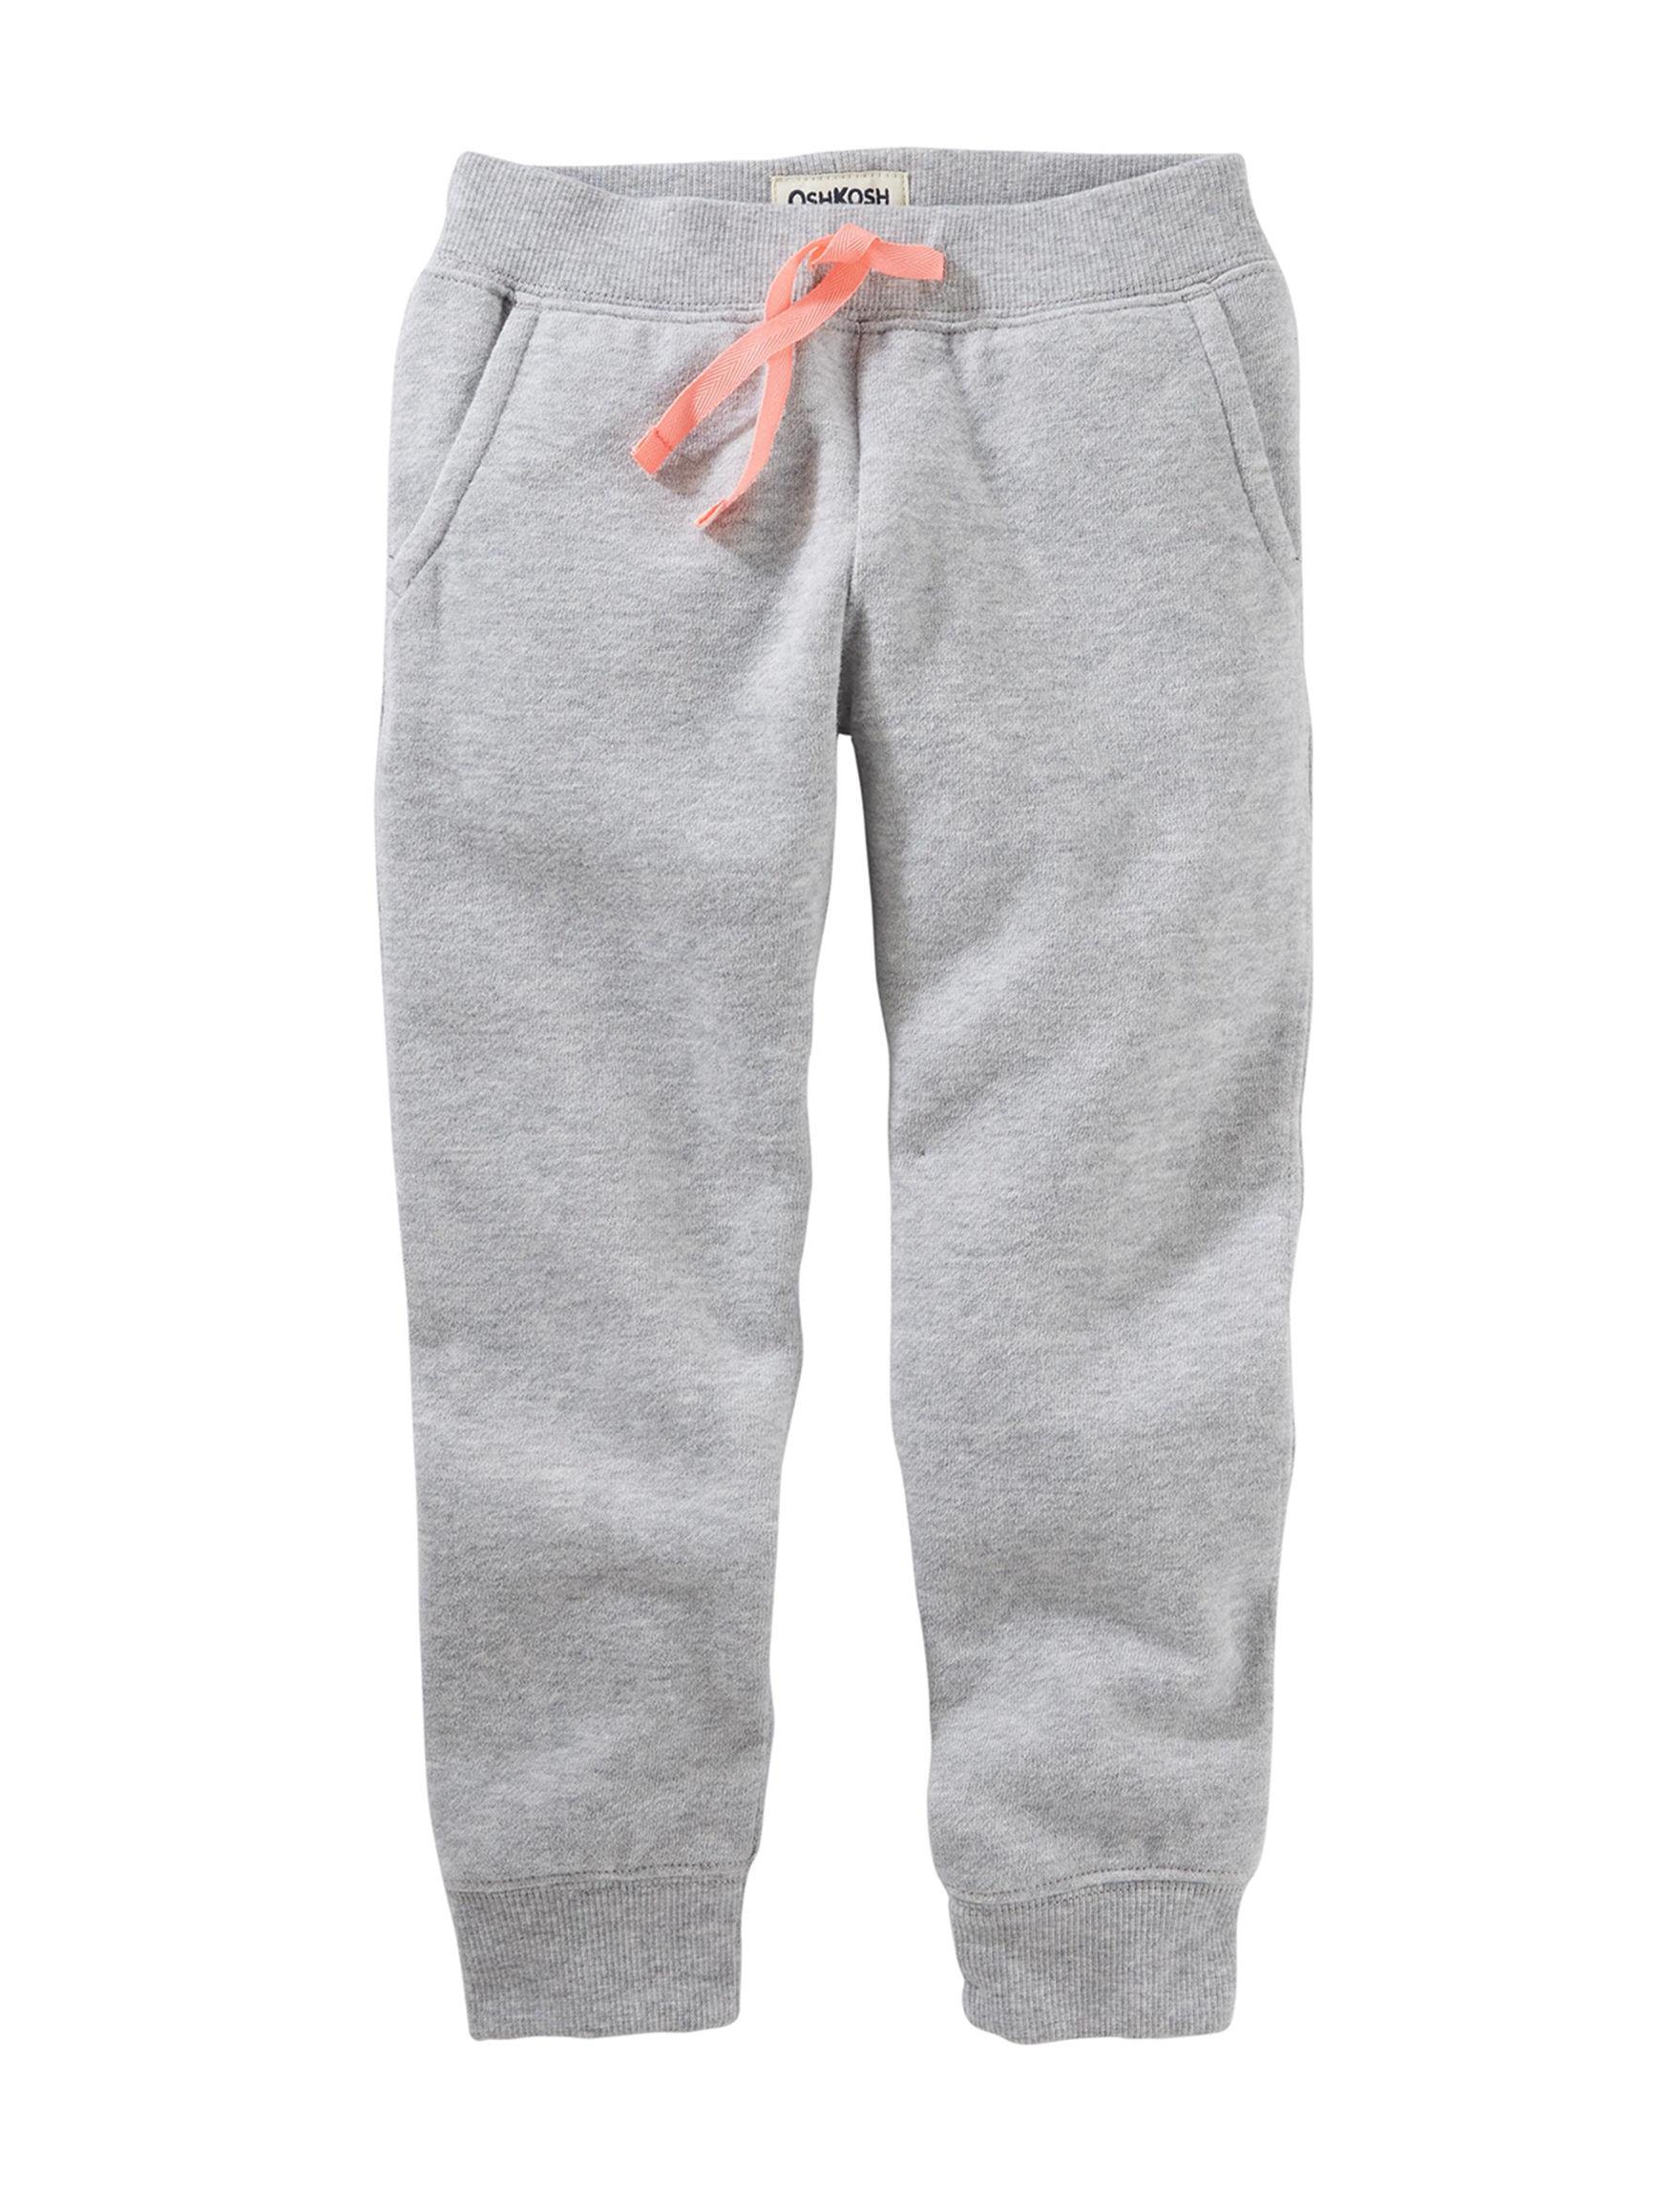 Oshkosh B'Gosh Heather Grey Soft Pants